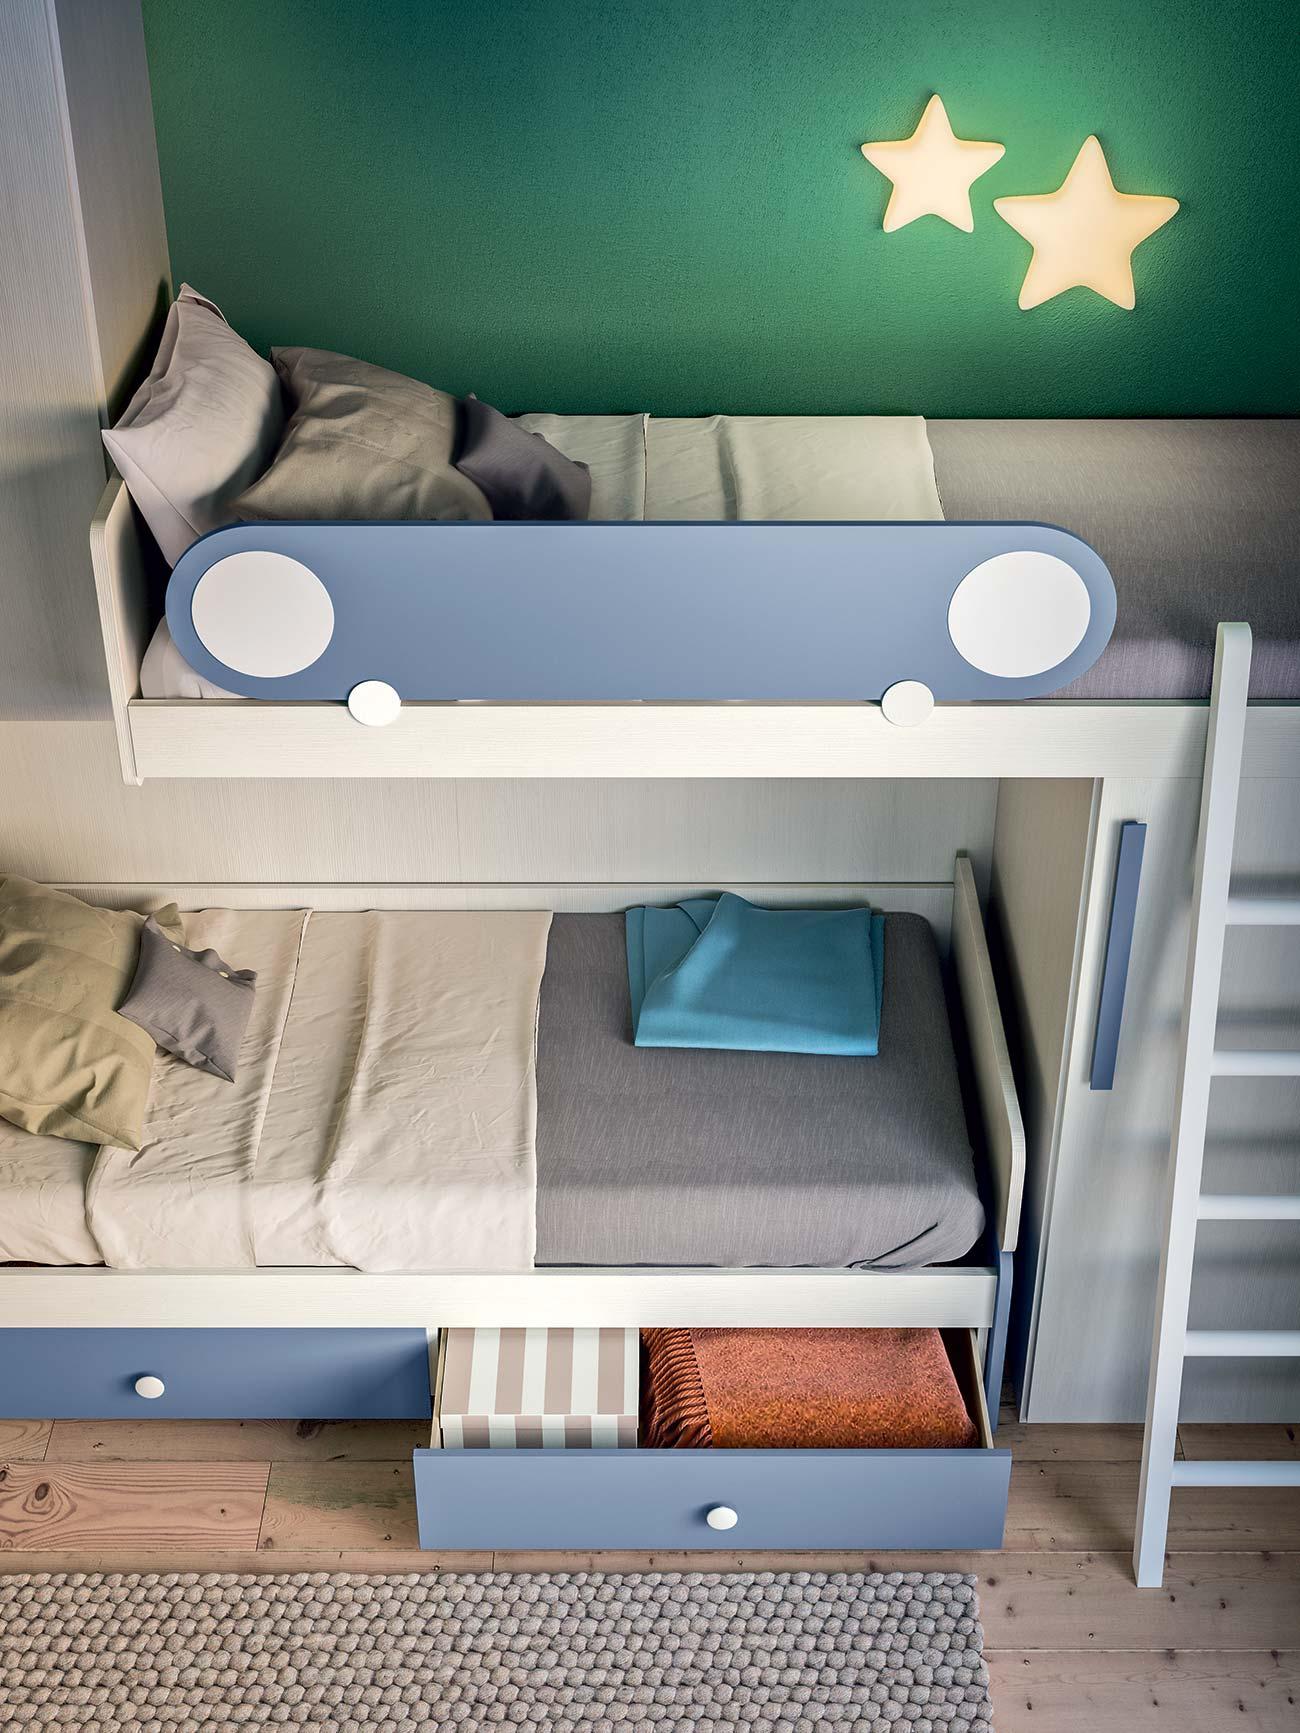 Letto A Castello Con Contenitore.Camerette Con Letti A Castello E Trasformabili Mab Home Furniture